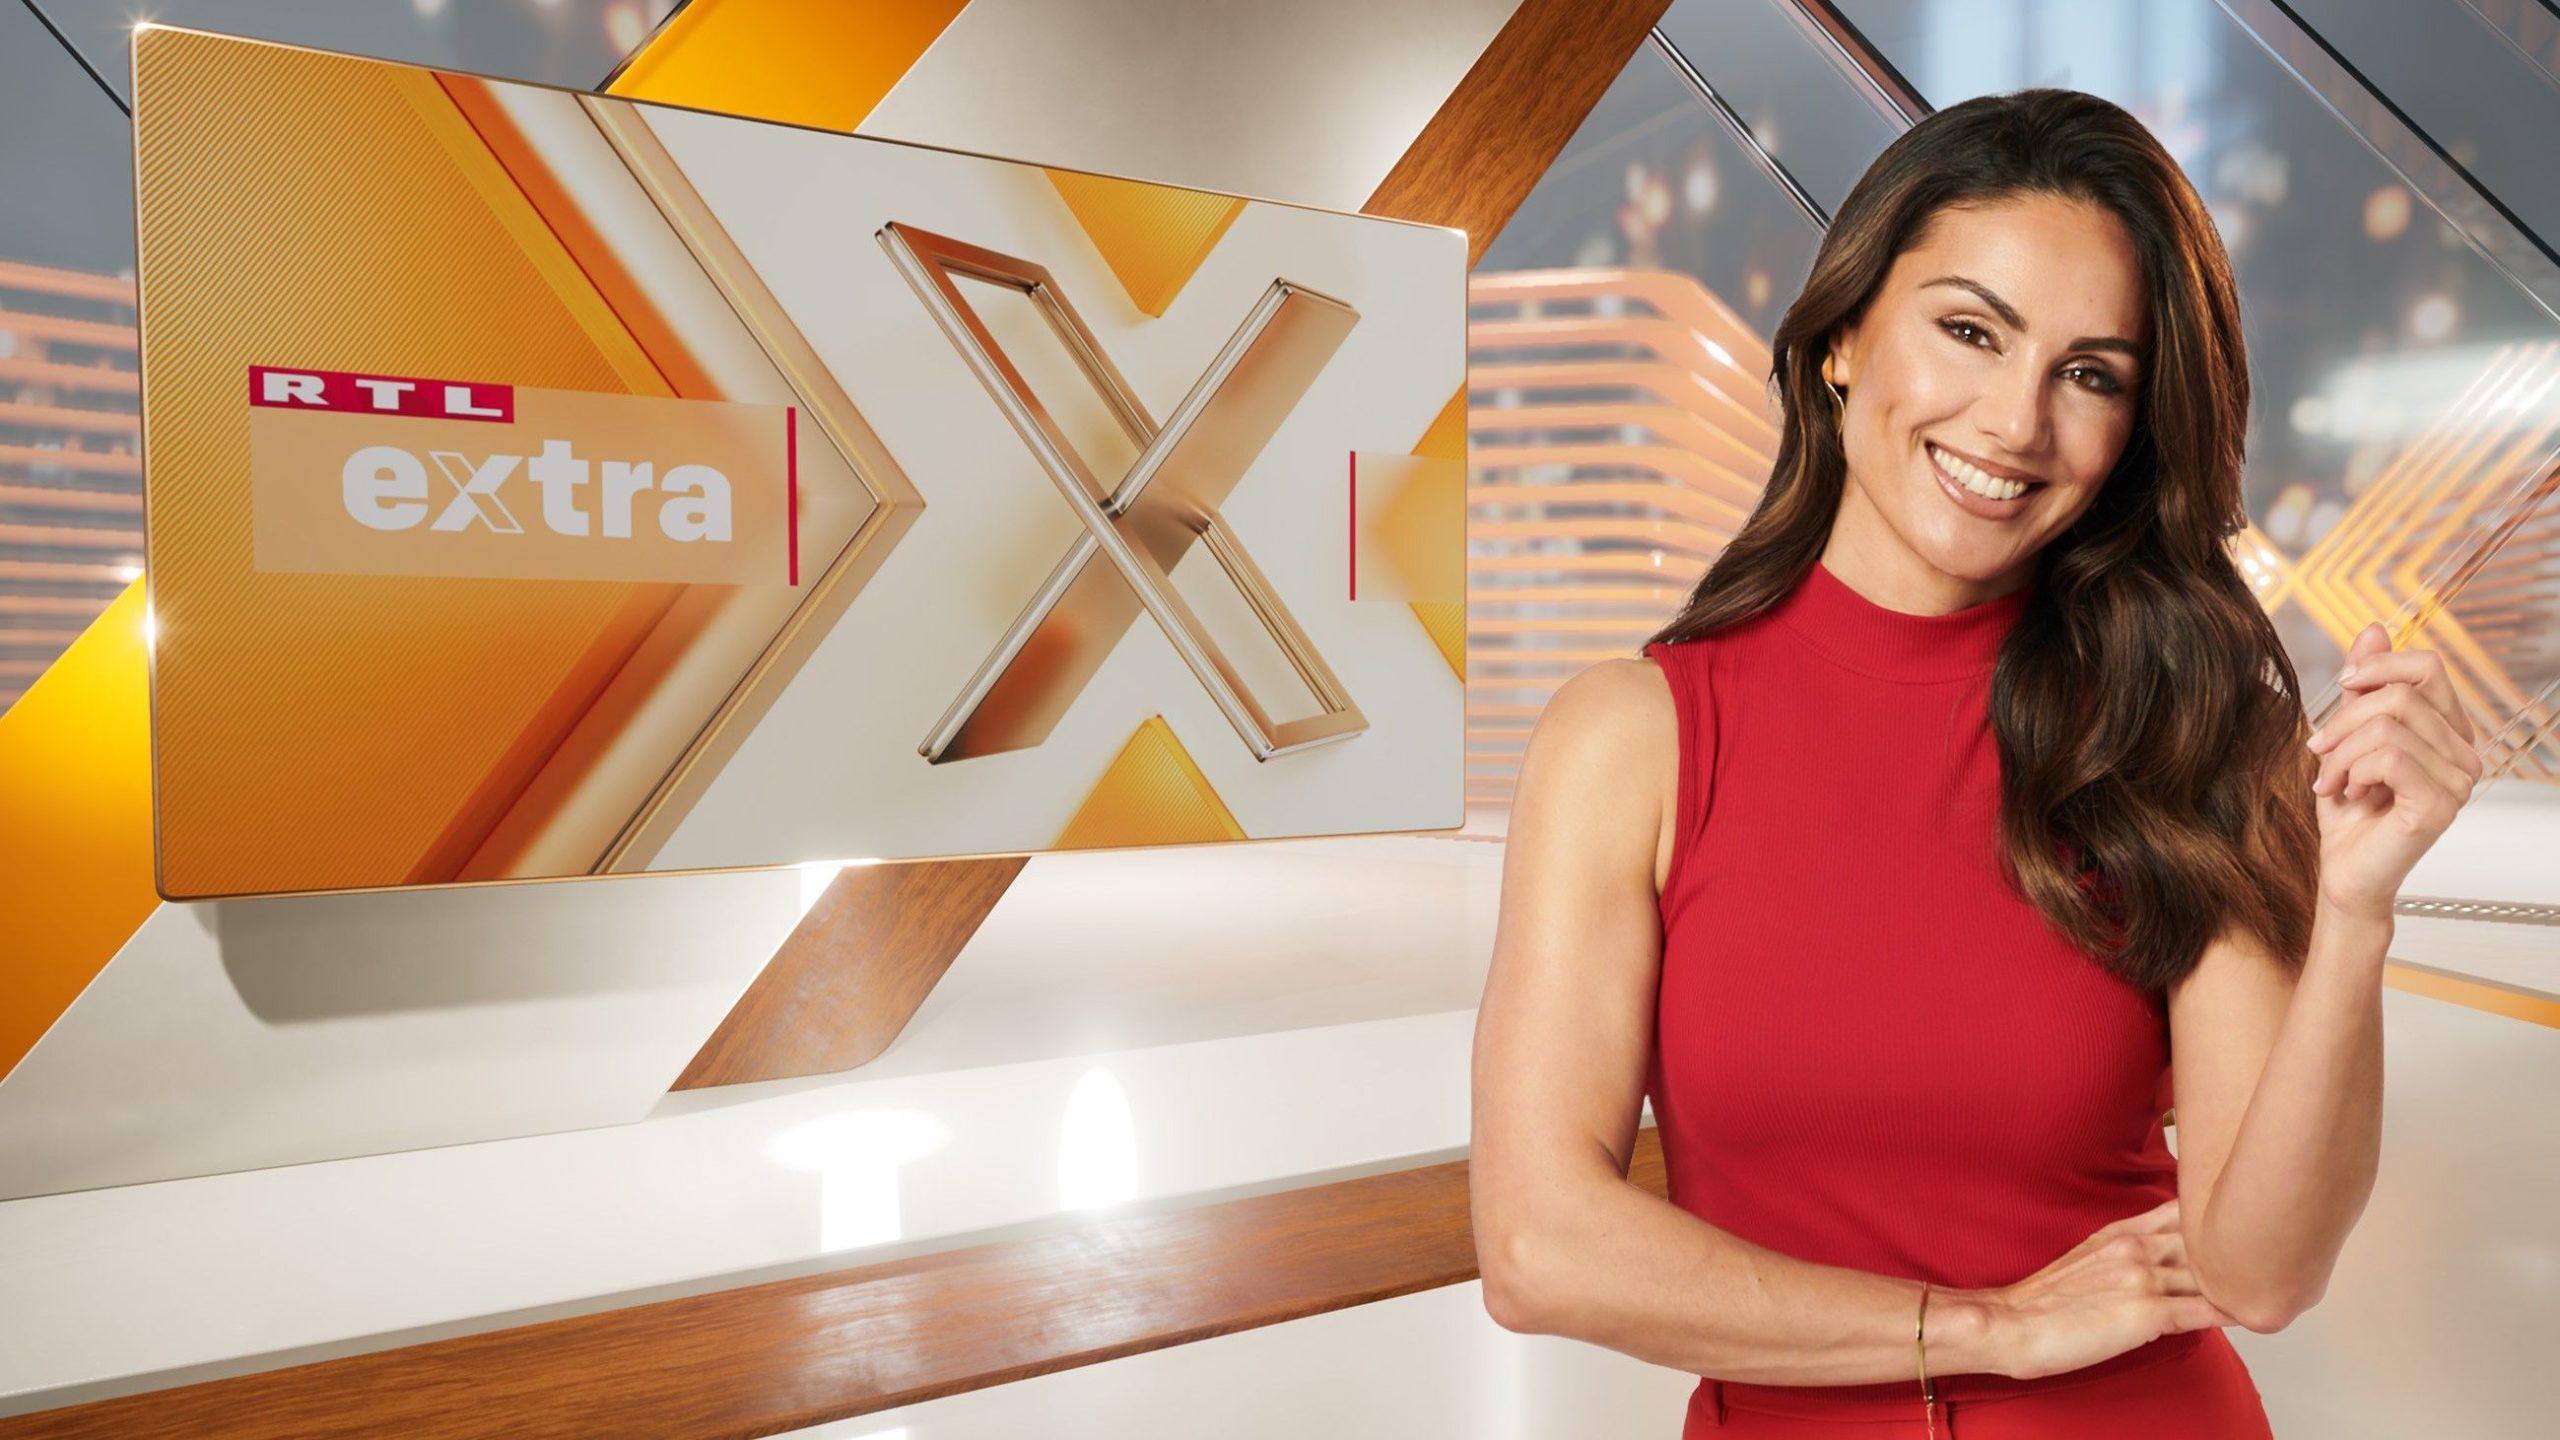 Extra - Das RTL Magazin jeden Montag um 22:15 Uhr mit Nazan Eckes.